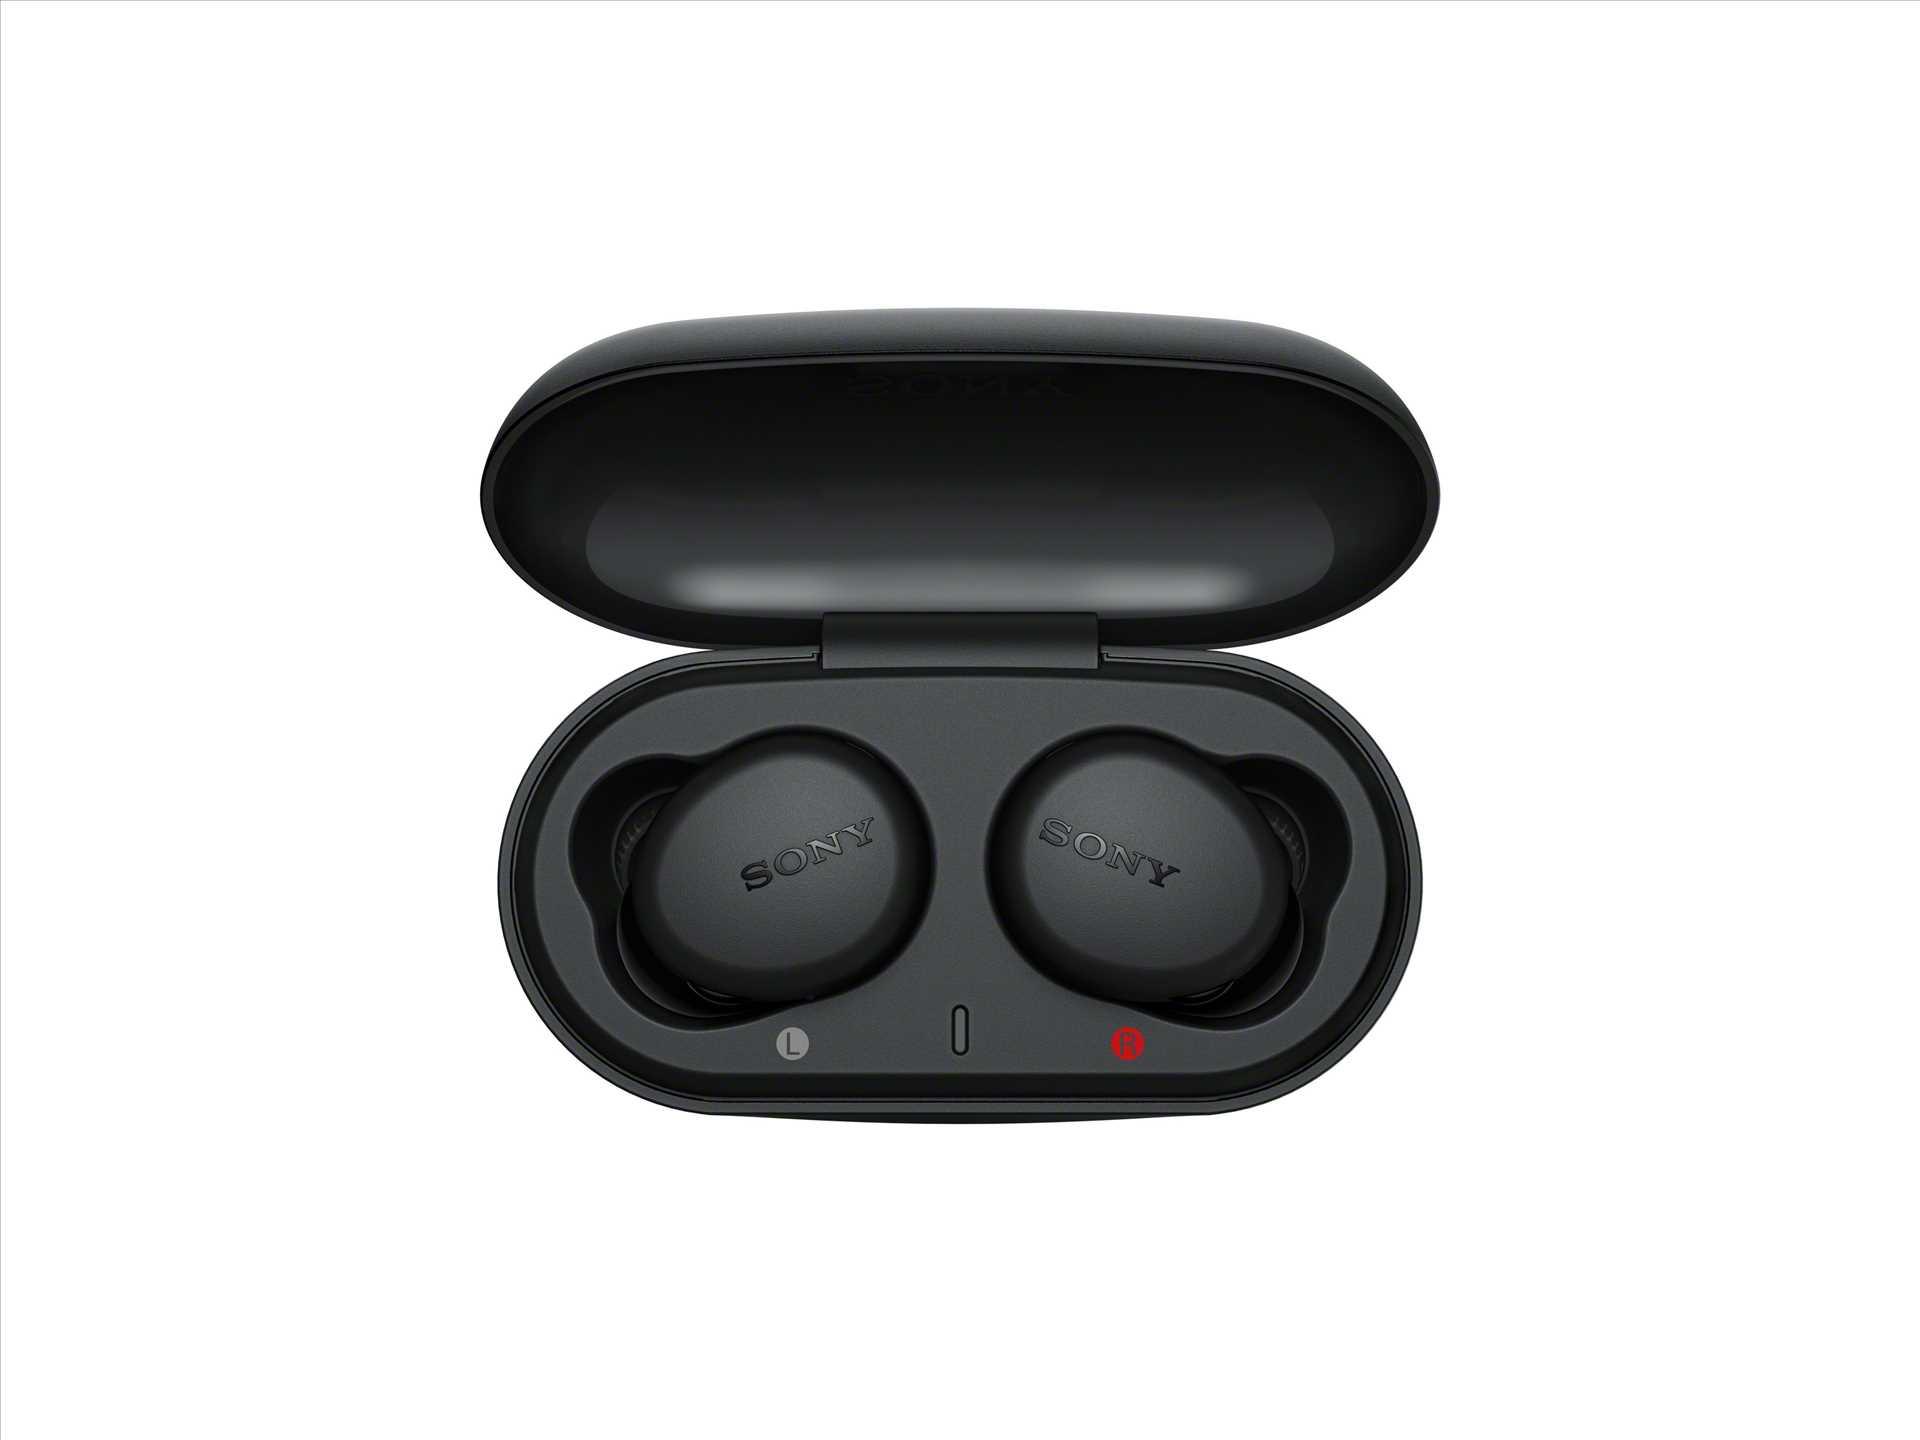 אוזניות Sony WF-XB700B True Wireless סוני שחורות - תמונה 6